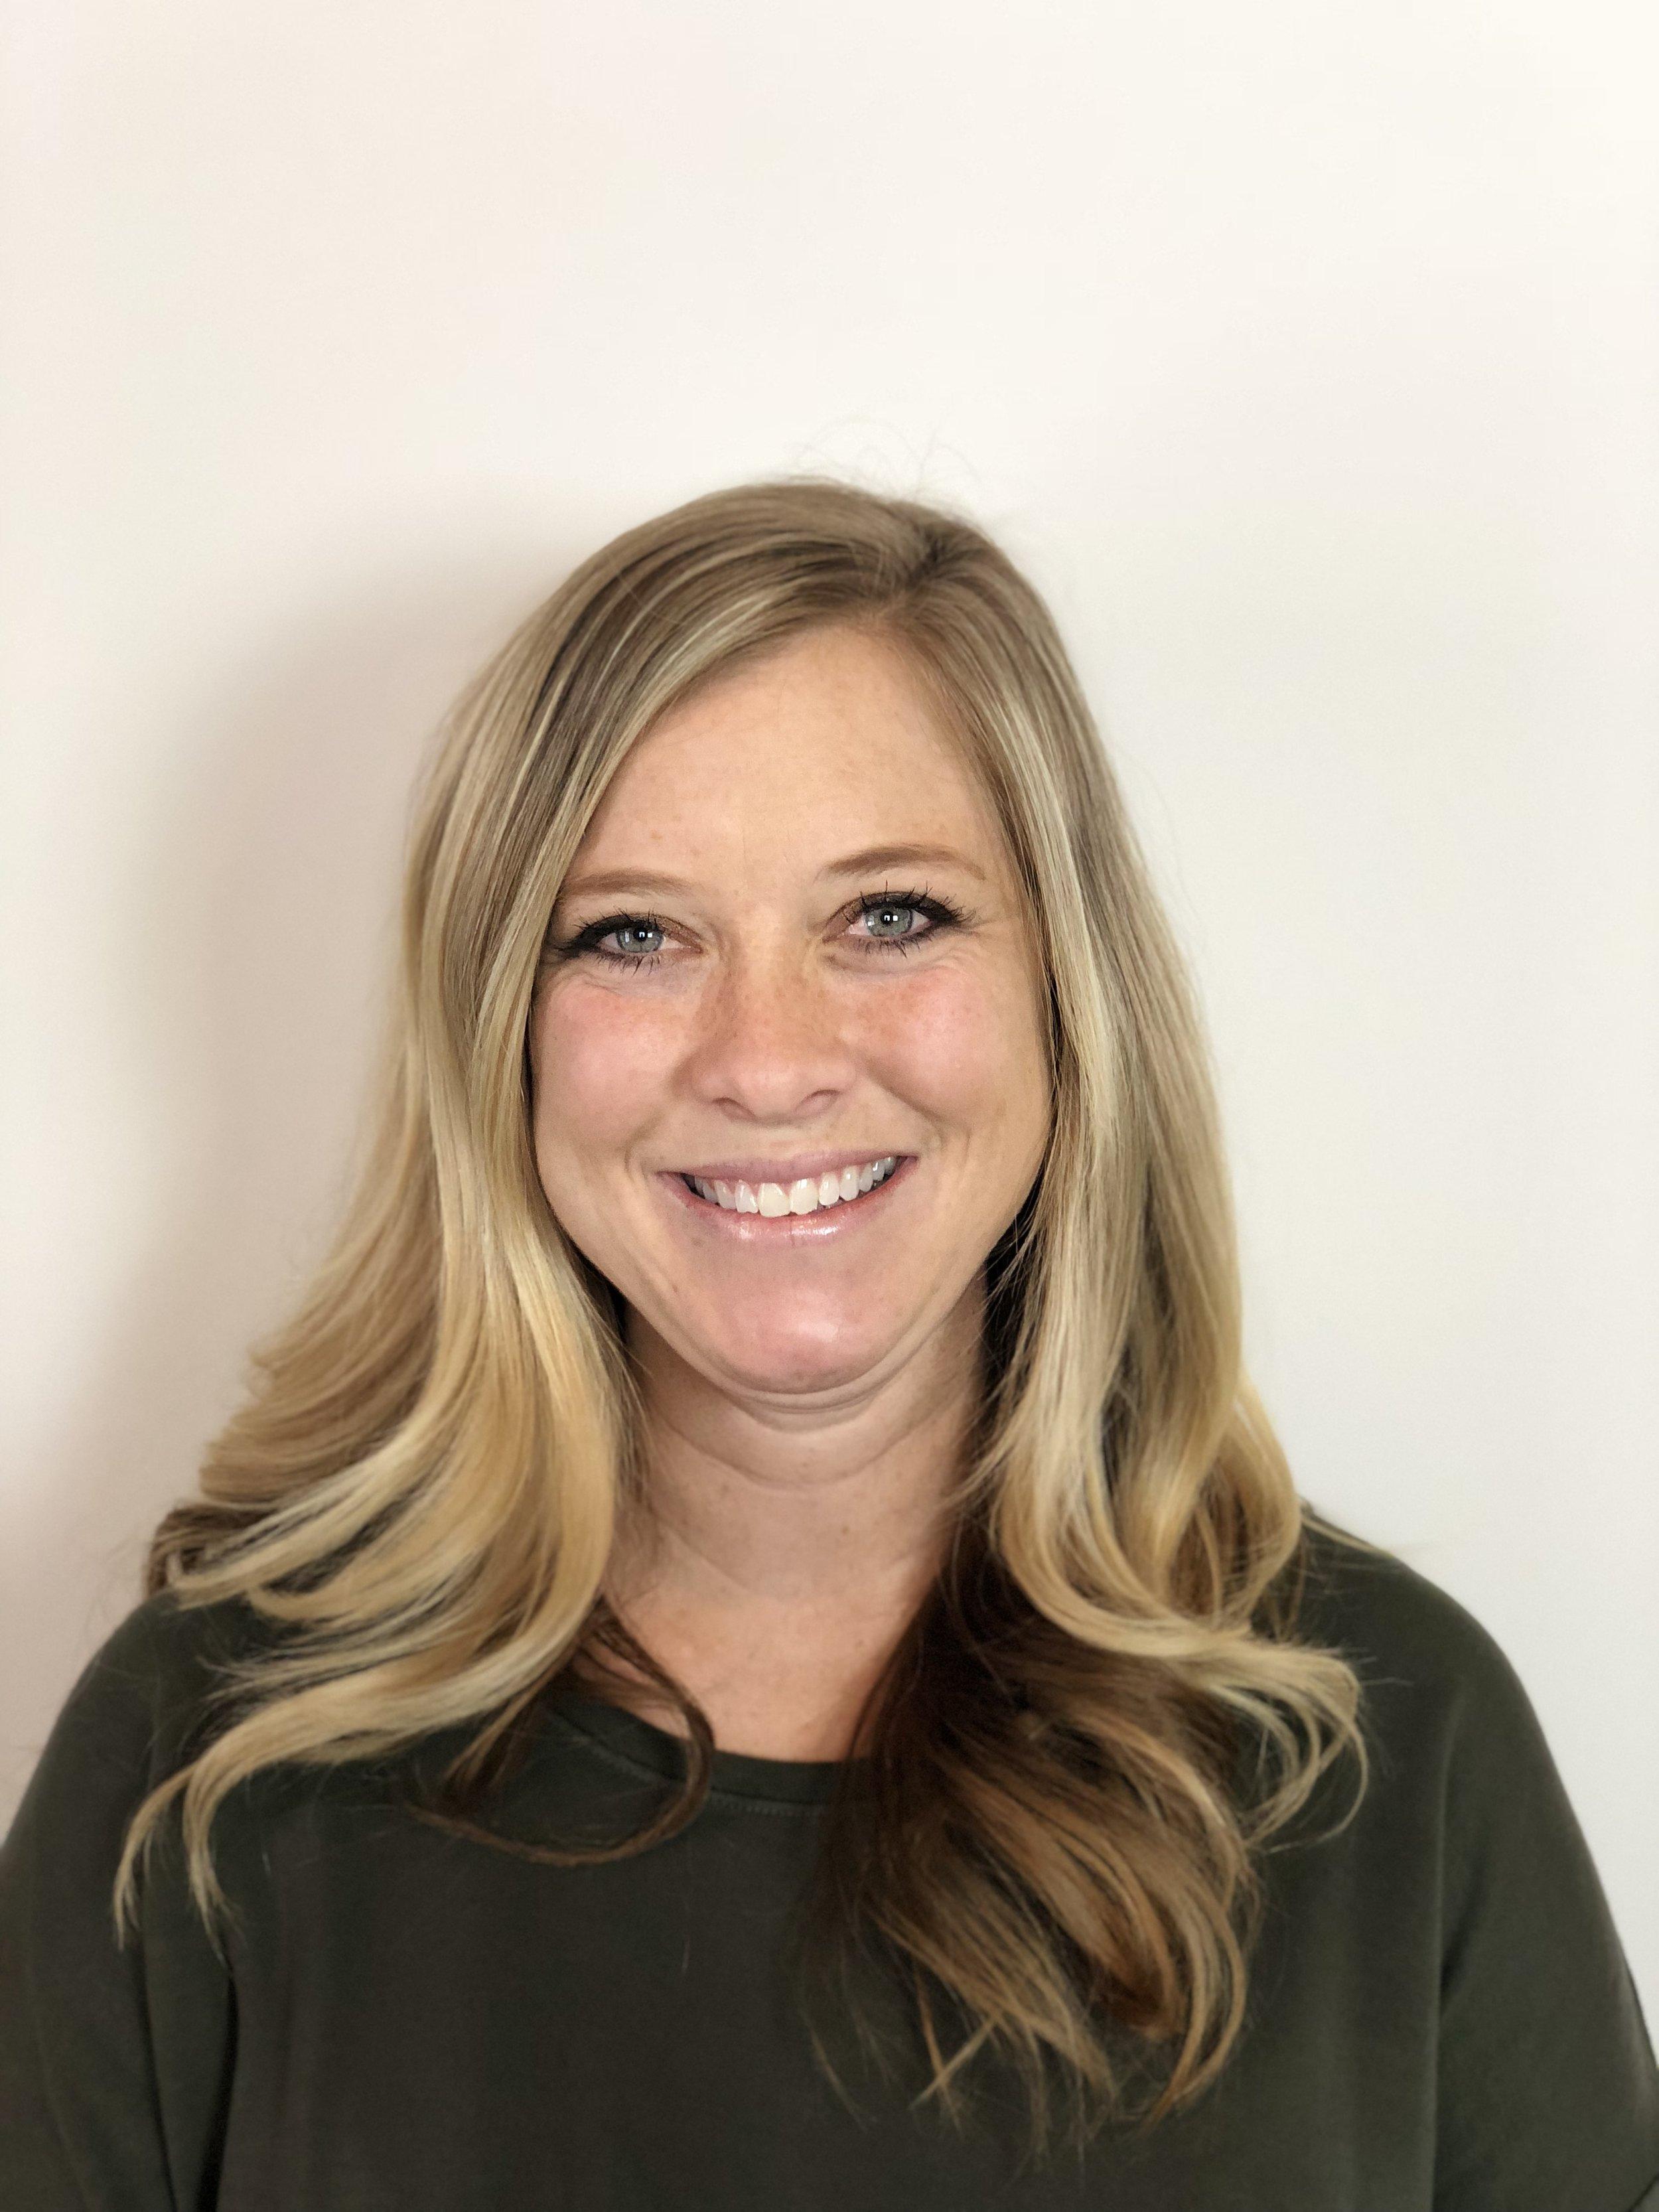 Julie McKendry | Director of L2 Kids